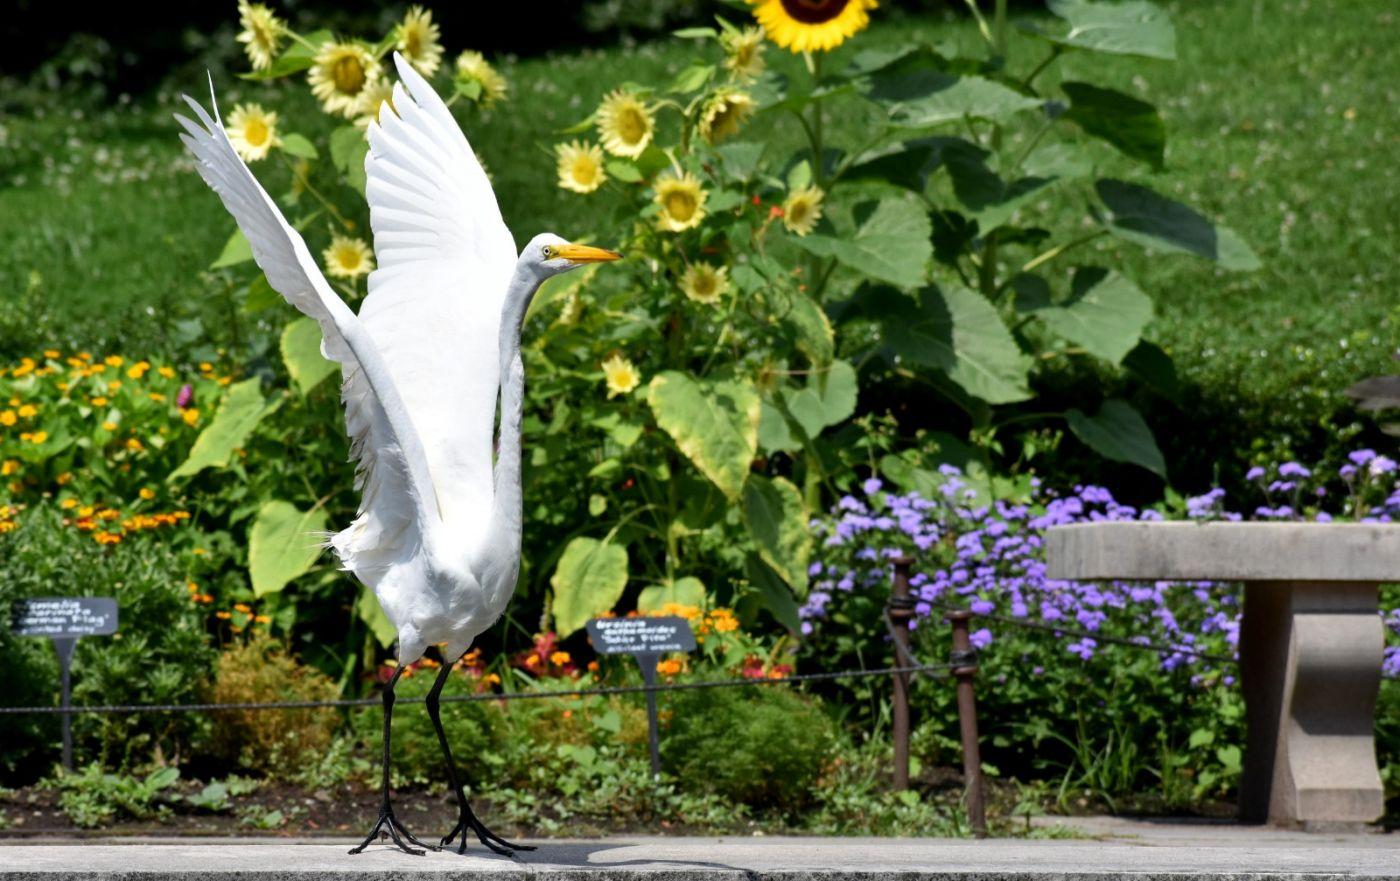 白鹭来花园赏花_图1-25